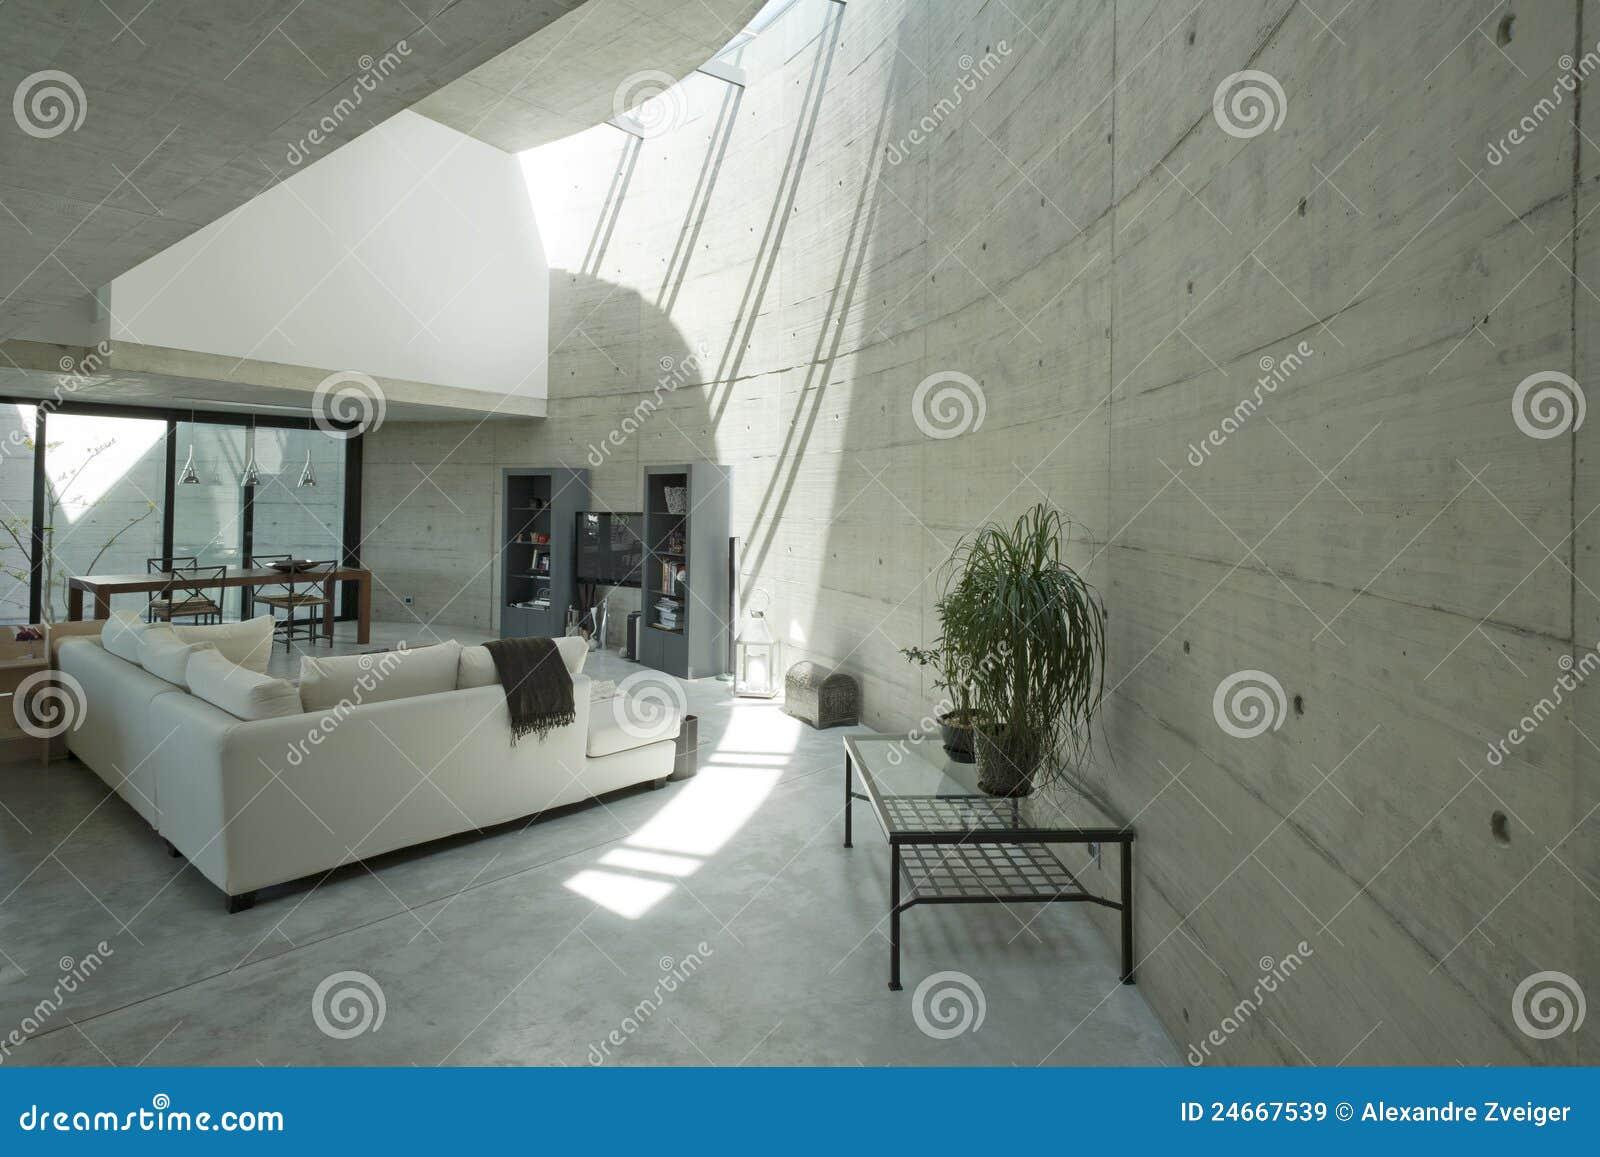 Maison Moderne Intérieure Dans Le Beton Image stock - Image du ...